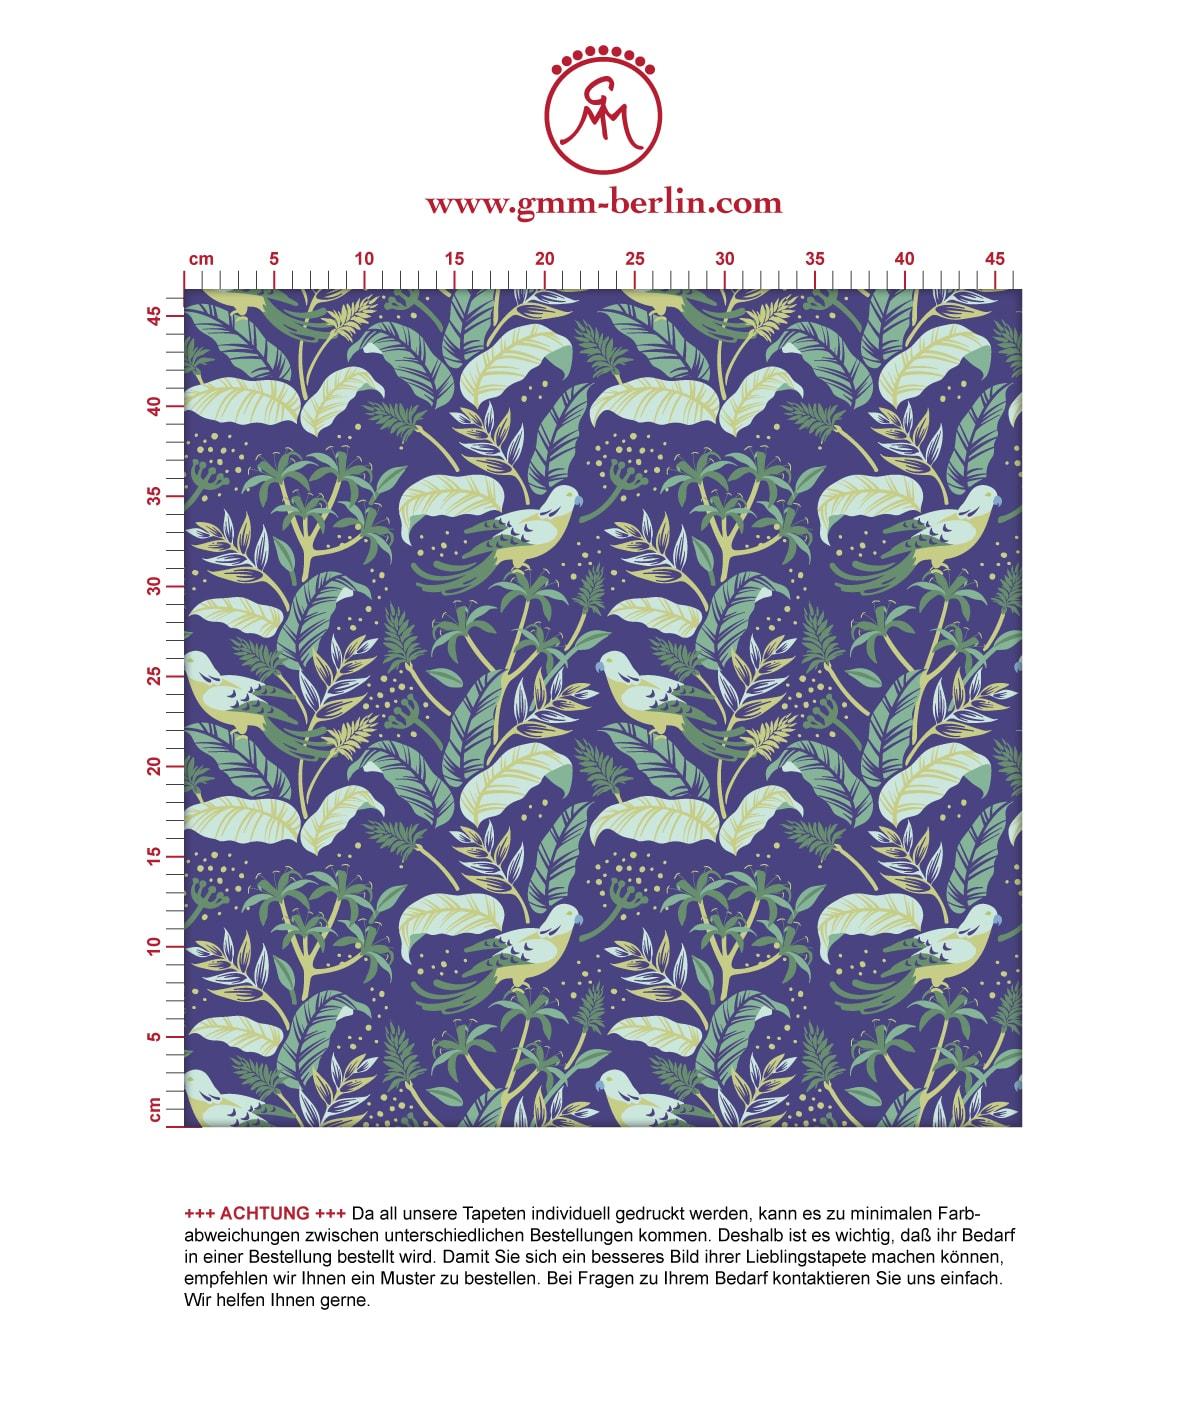 Aus dem GMM-BERLIN.com Sortiment: Schöne Tapeten in der Farbe: mittelblau,. Schöne Wandgestaltung: Dunkel blaue Tapete Wild Birds mit #blätter #dschungel #papagei #tiere #tropisch #vogel für individuelles Interiordesign